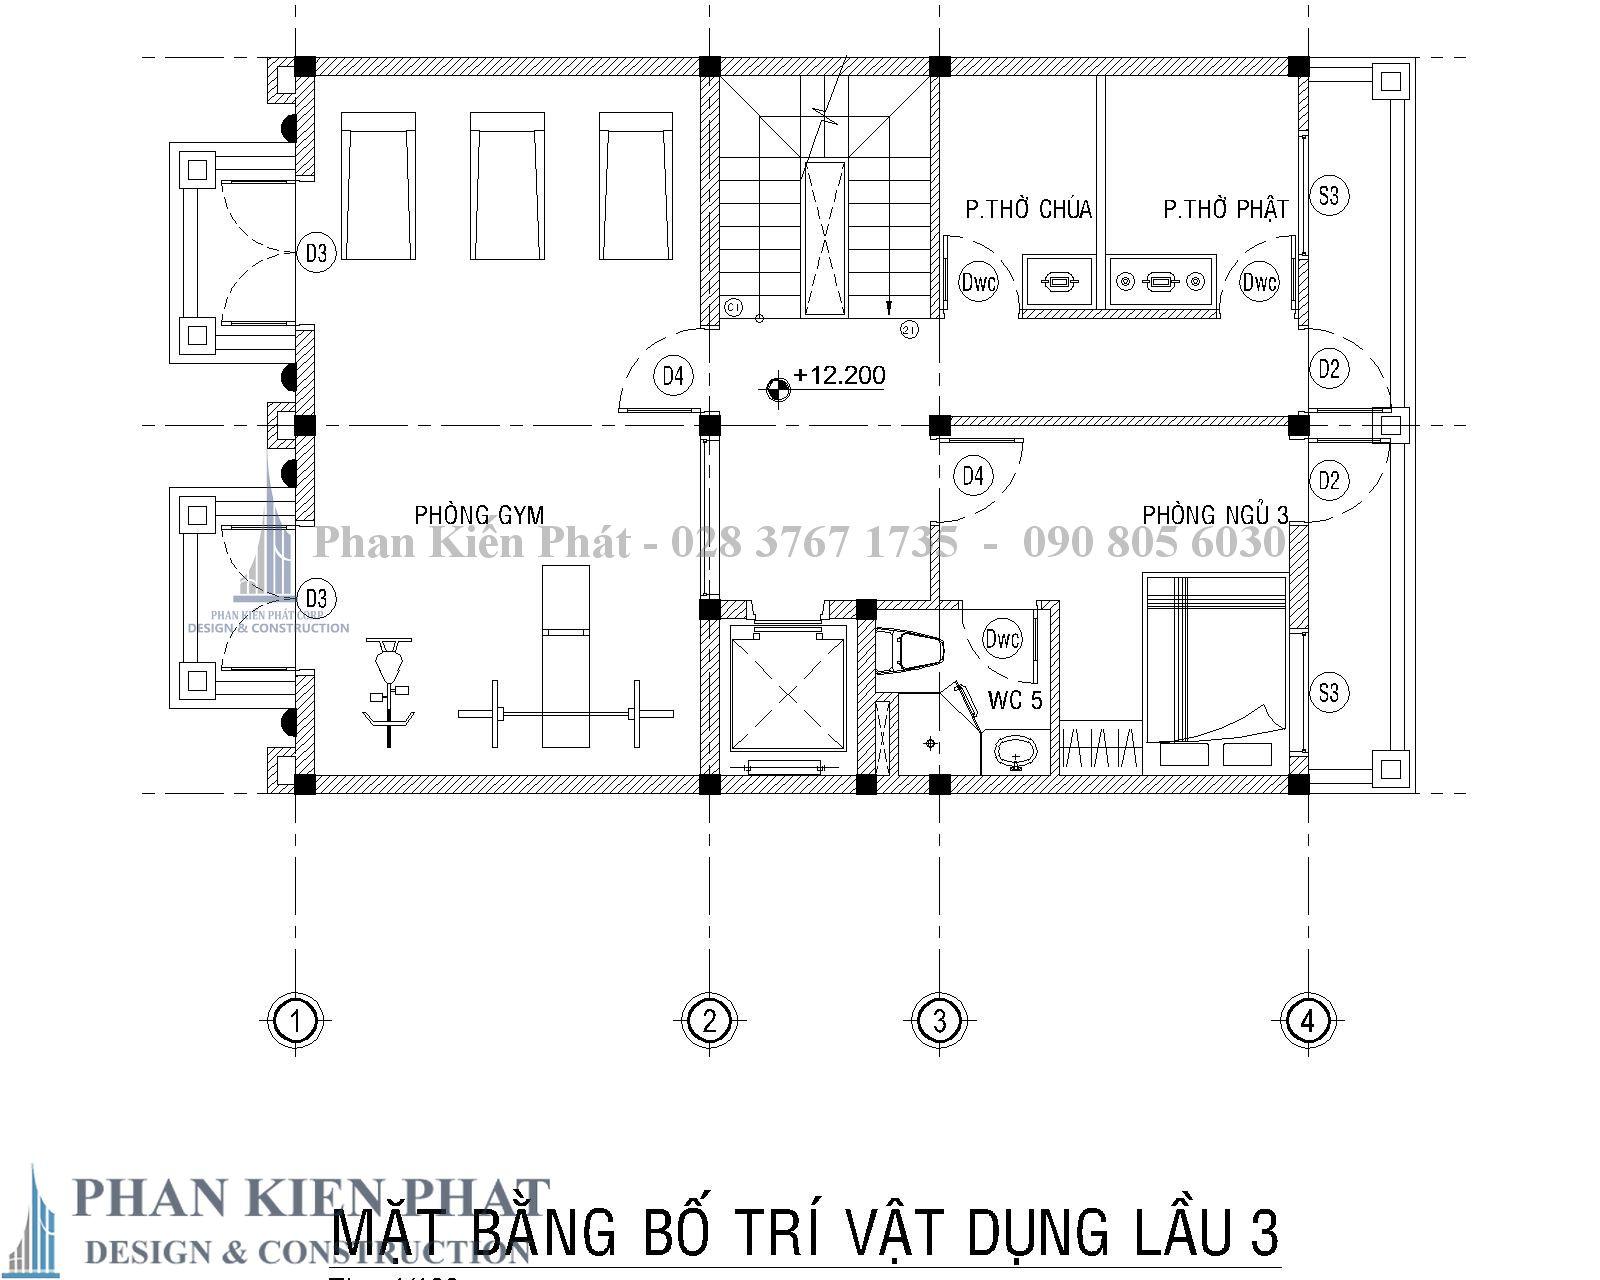 Mat Bang Bo Tri Vat Dung Lau 3 Biet Thu Co Dien - Thiết kế biệt thự cổ điển